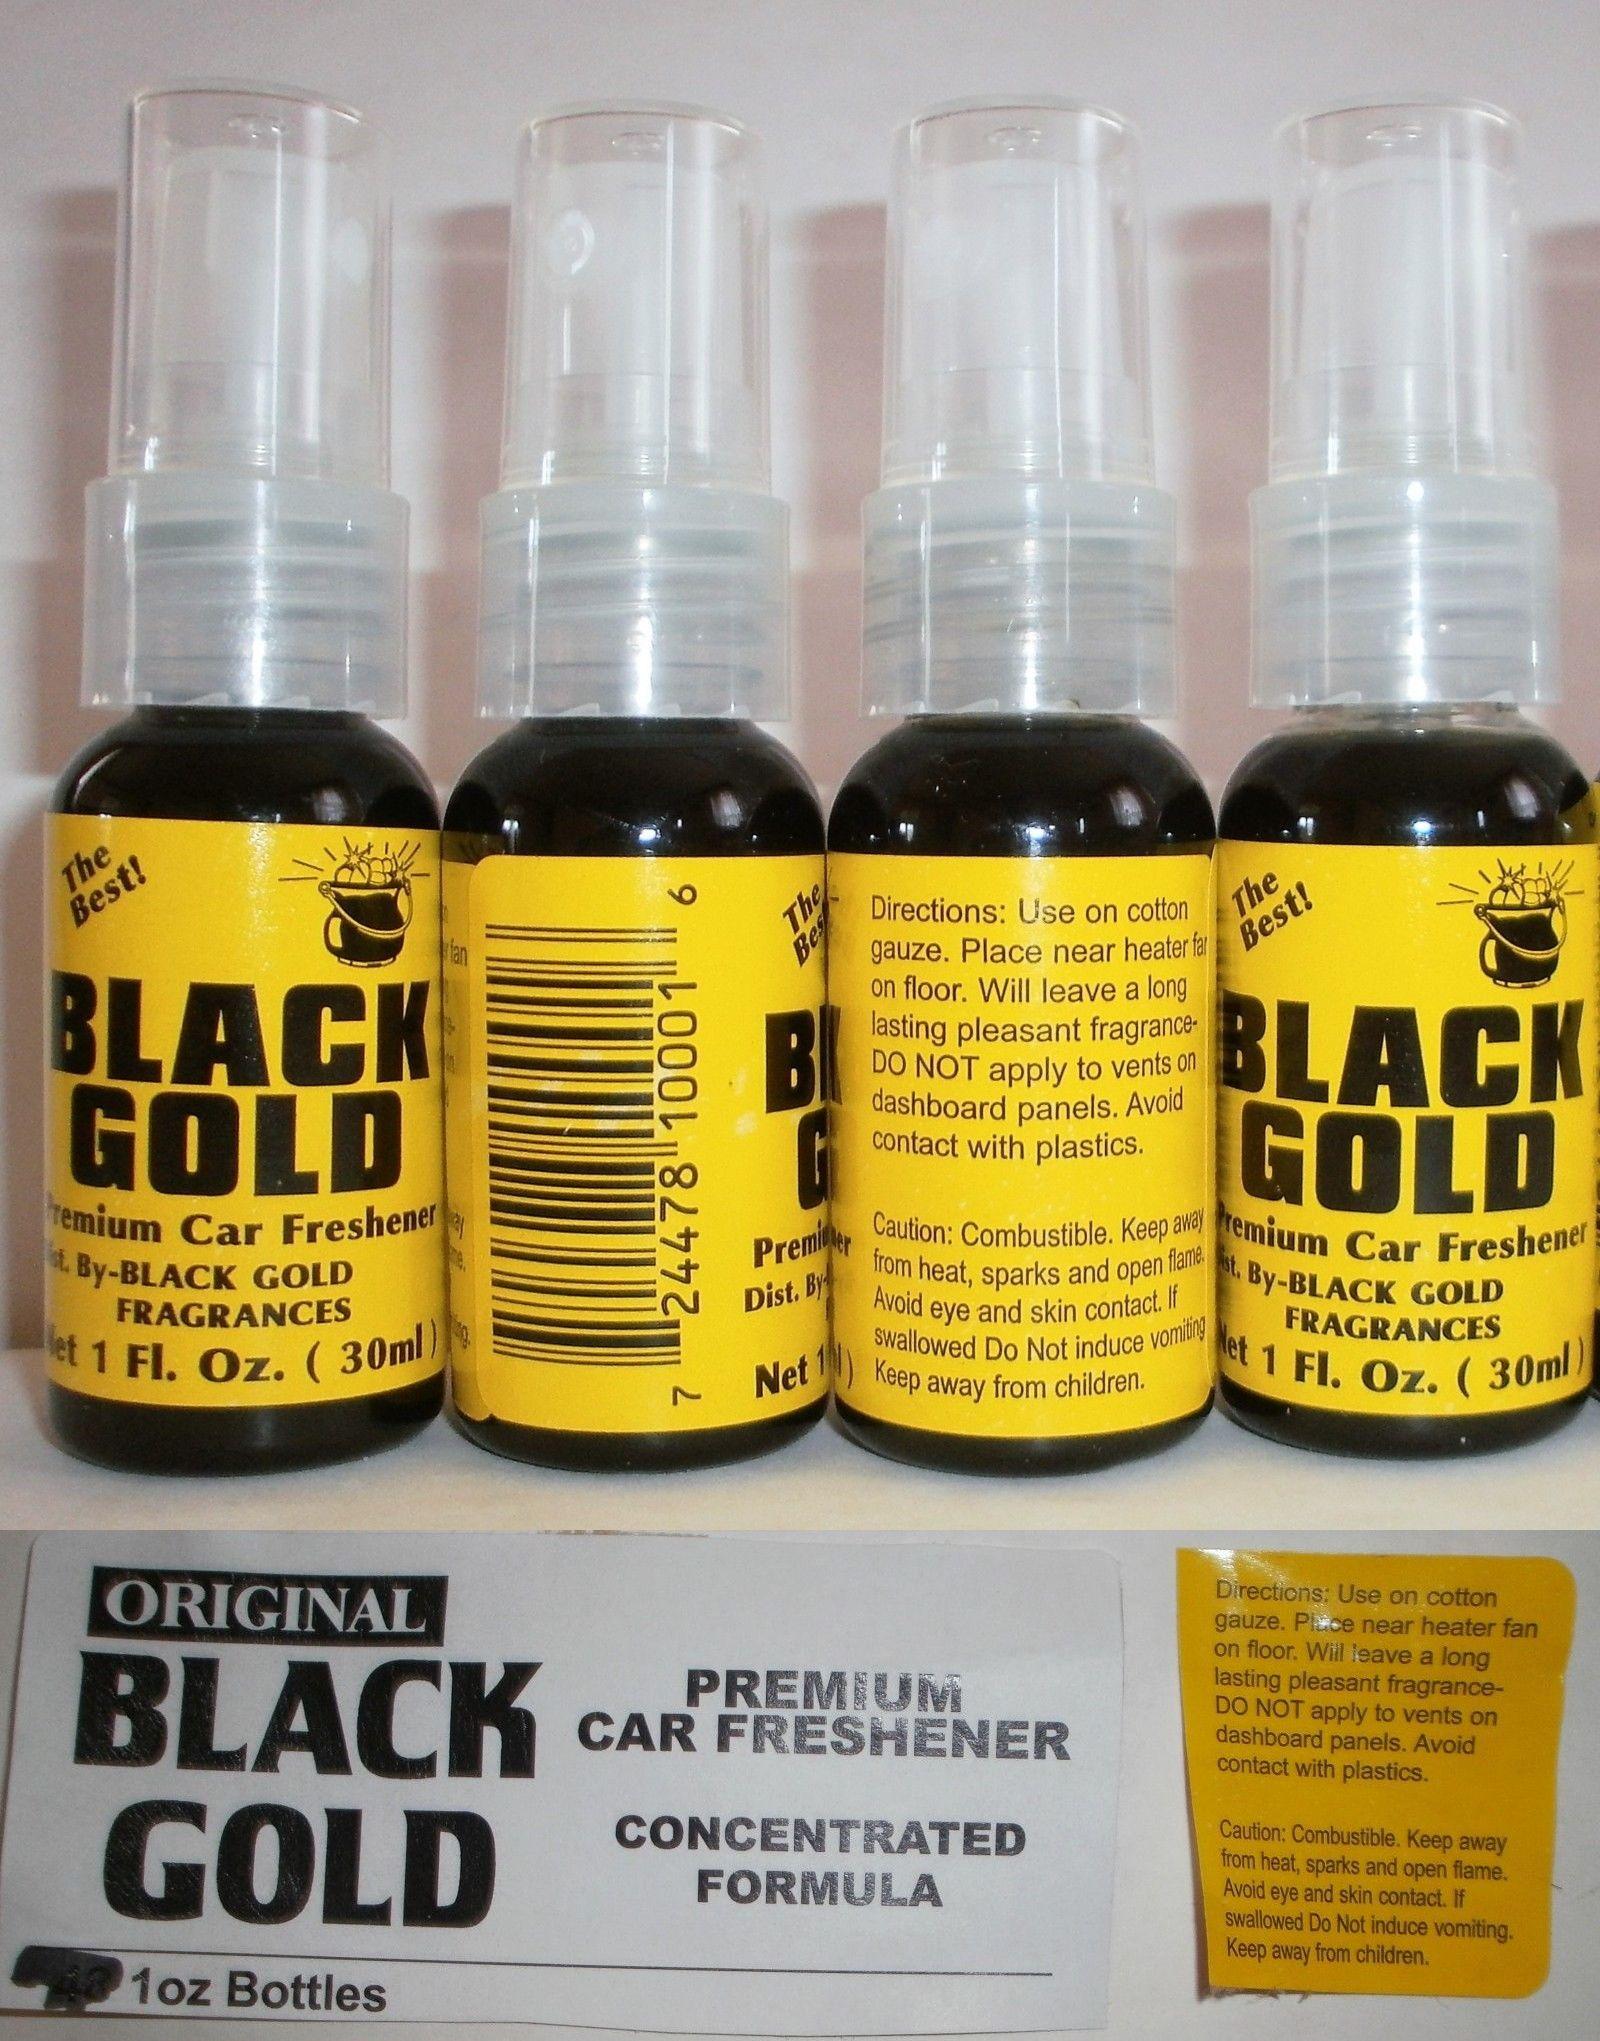 Black Gold Original Premium Car Freshener 4 Spray Bottles Net 1 Fl Oz Car Freshener Bottle Spray Bottle